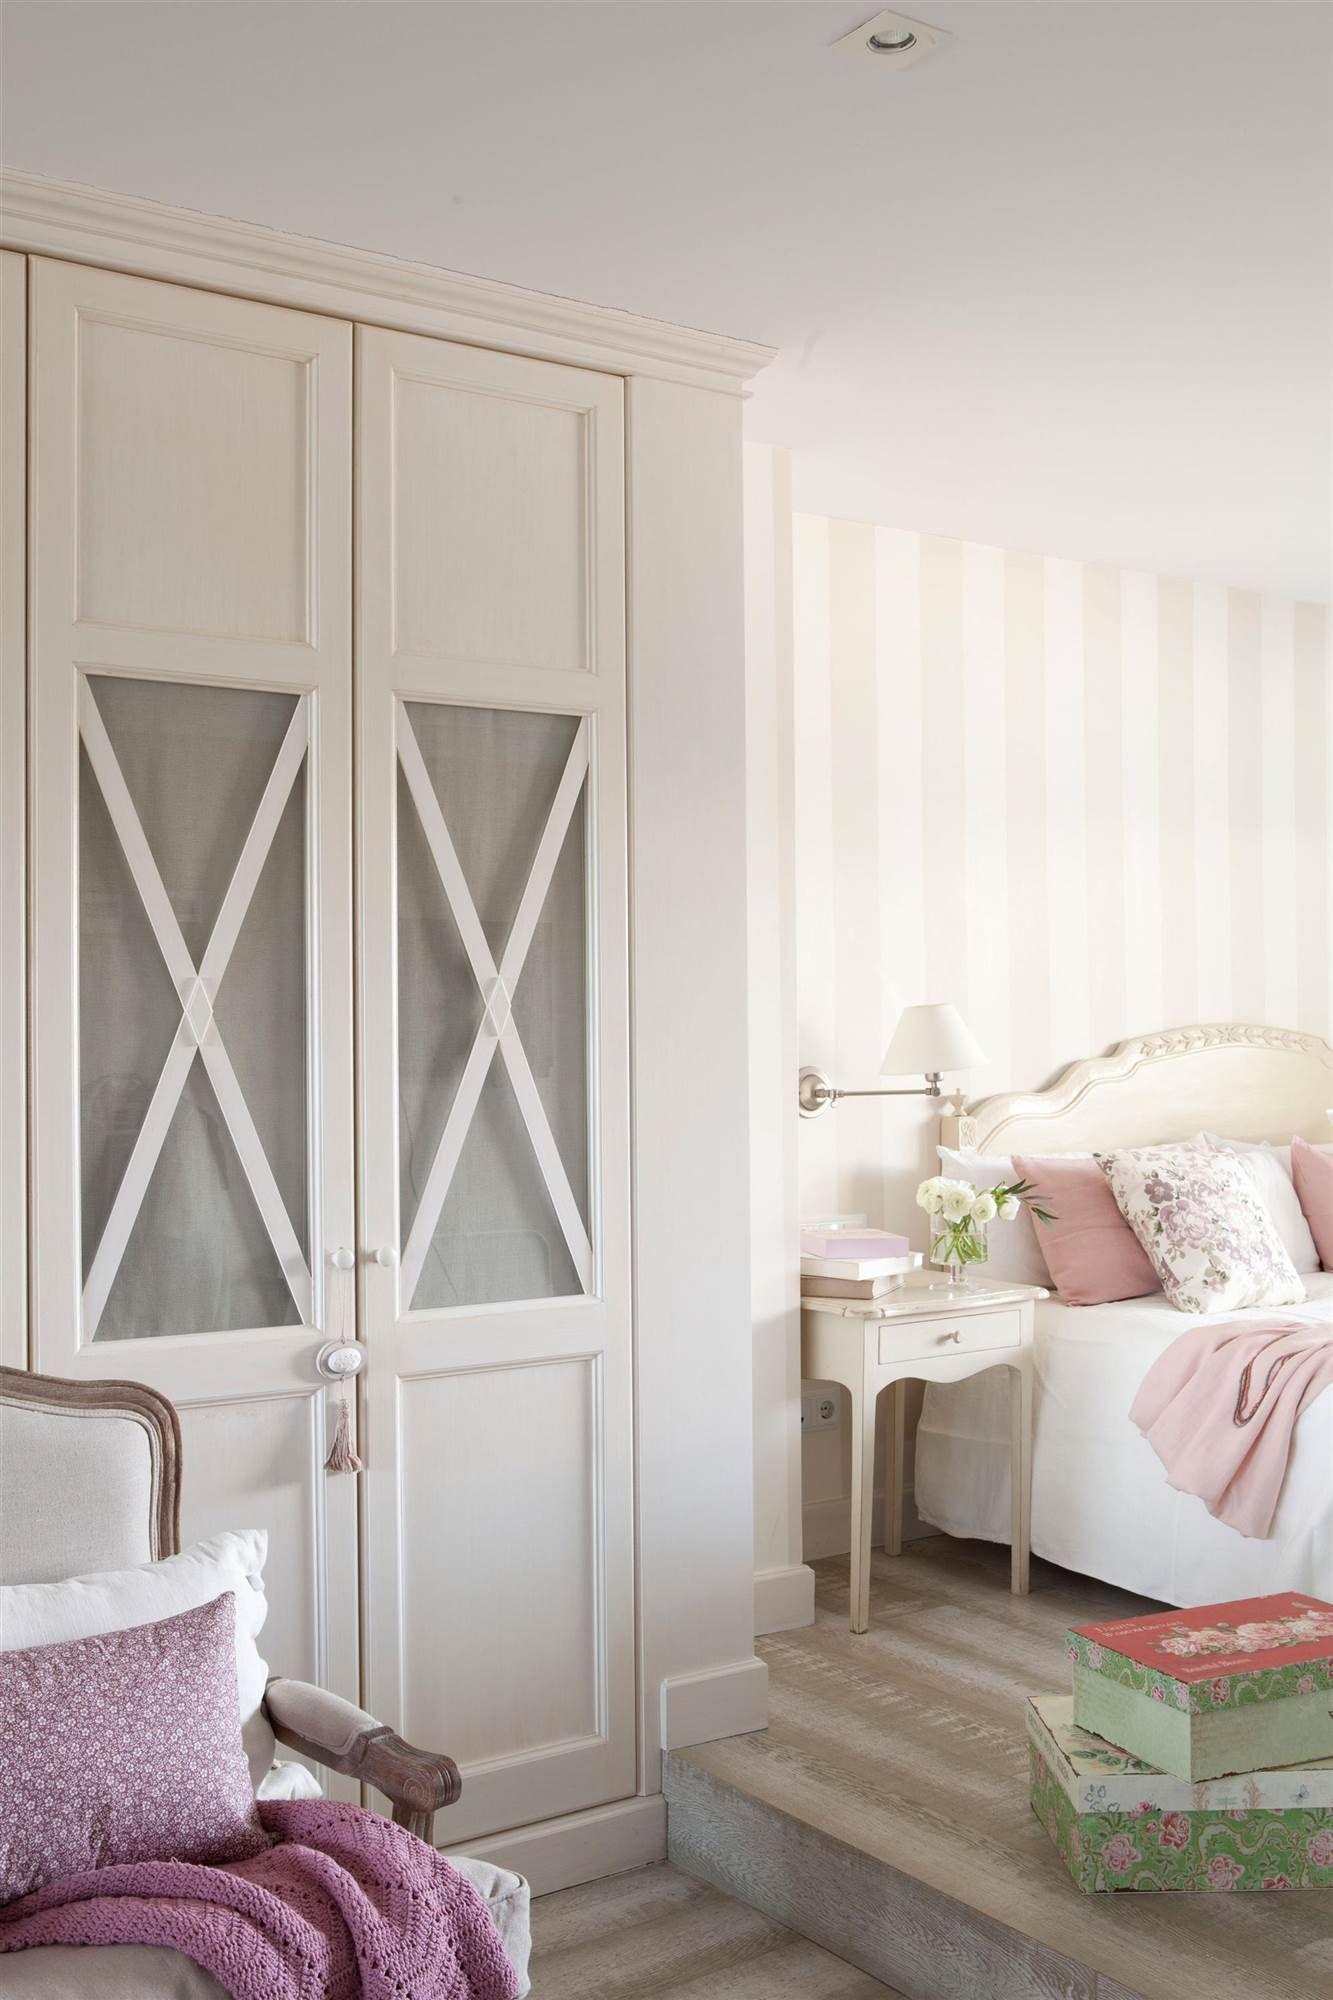 En femenino singular house armarios recibidor - Armarios con puertas abatibles ...